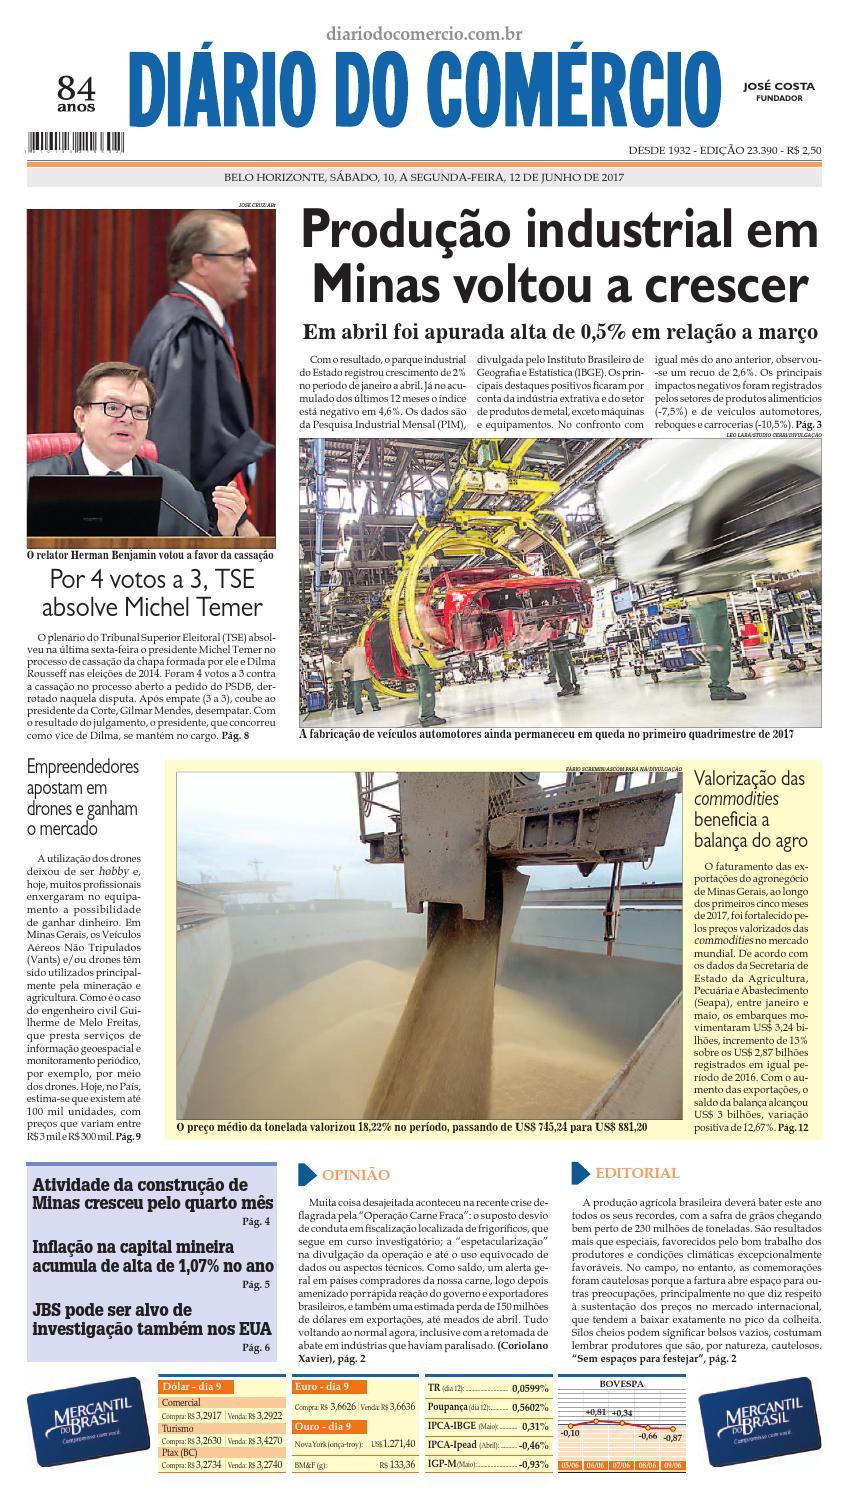 c3fc5c4f7e4a9 23390 by Diário do Comércio - Belo Horizonte - issuu